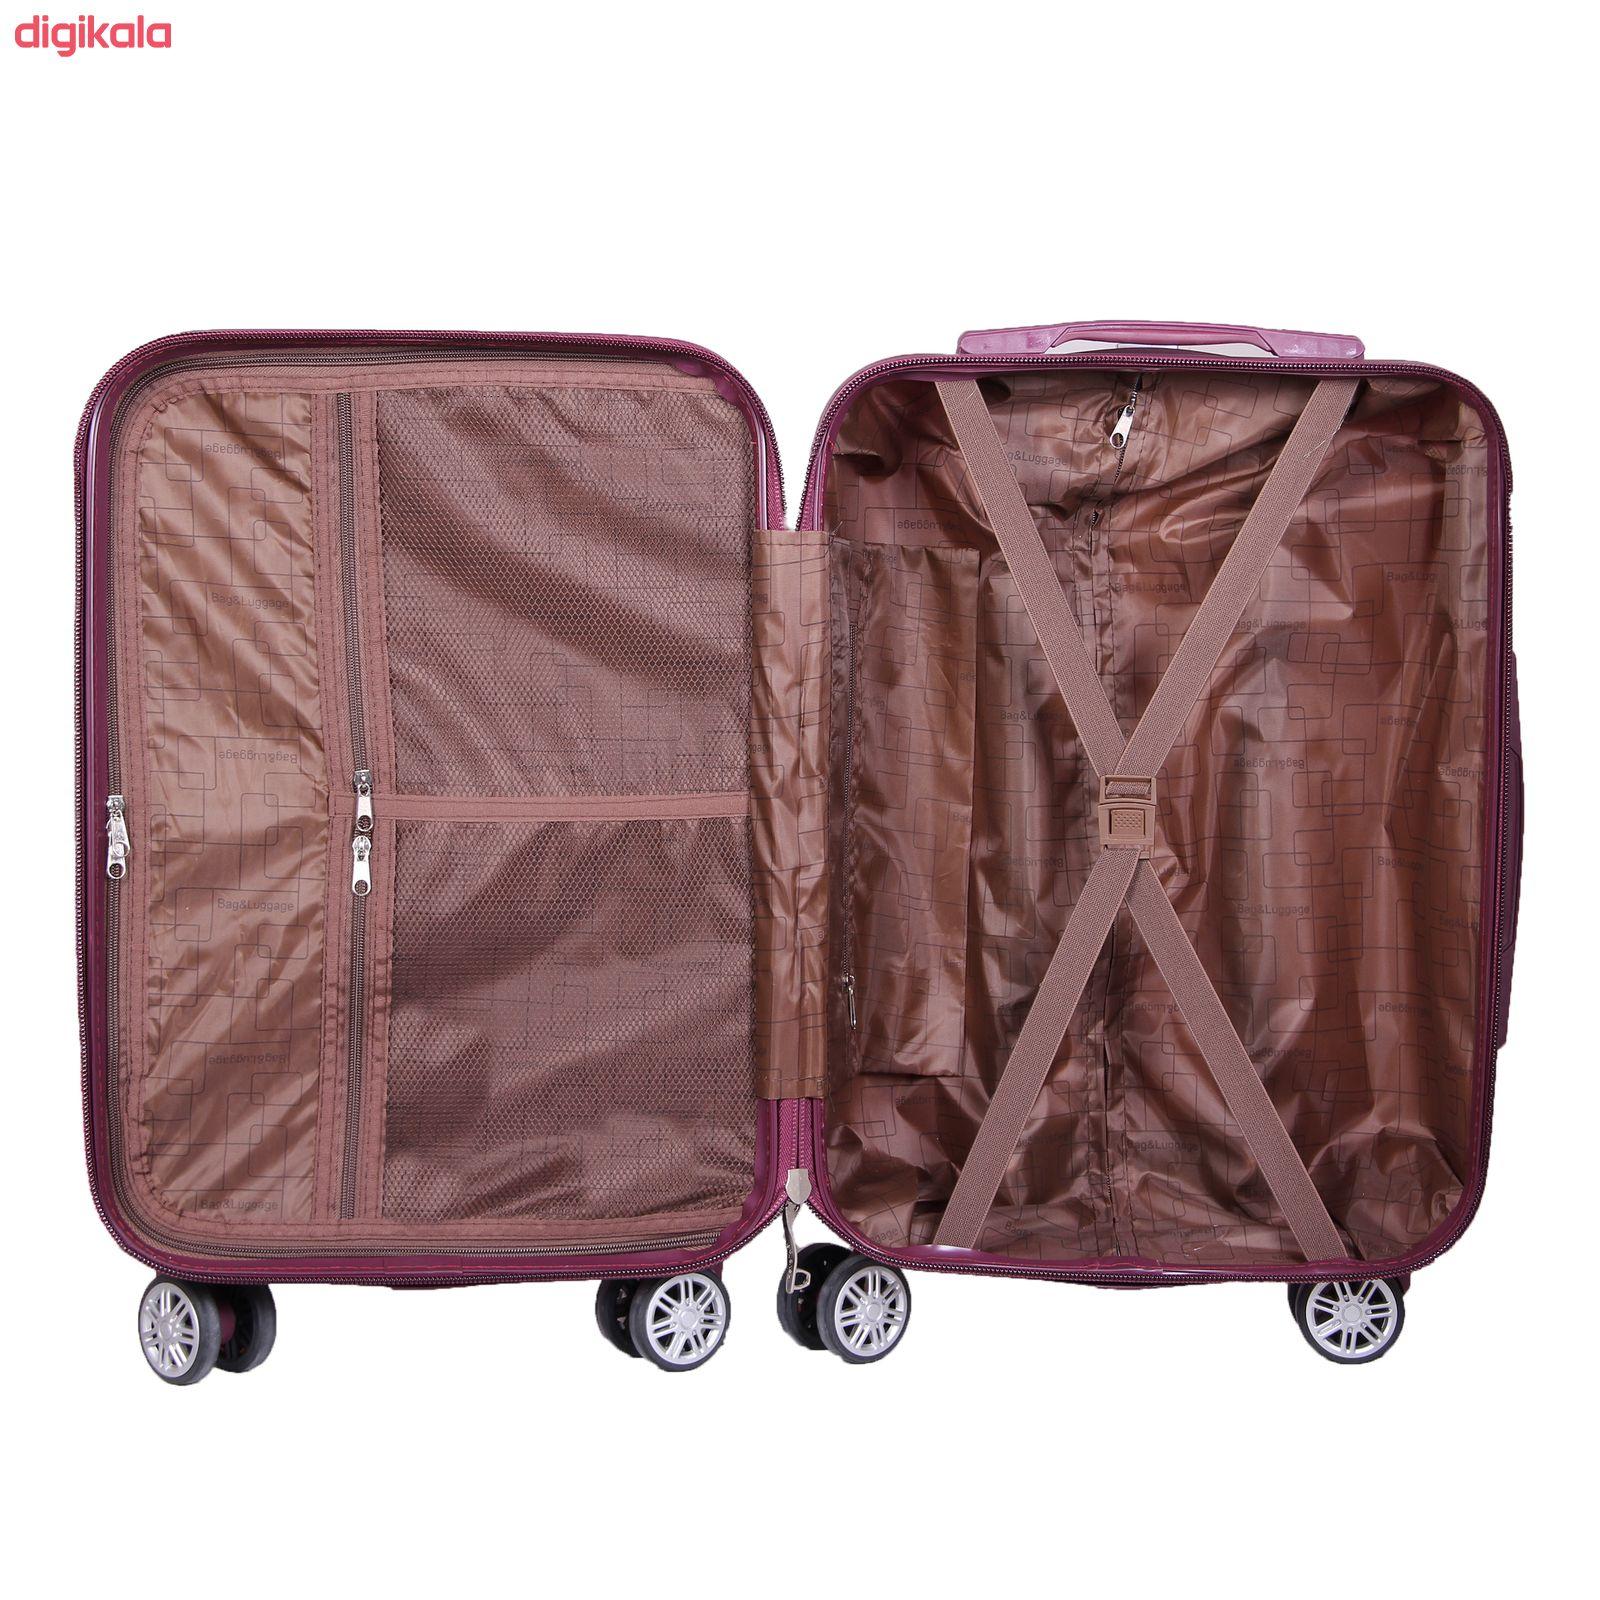 مجموعه چهار عددی چمدان مدل 319363 main 1 26